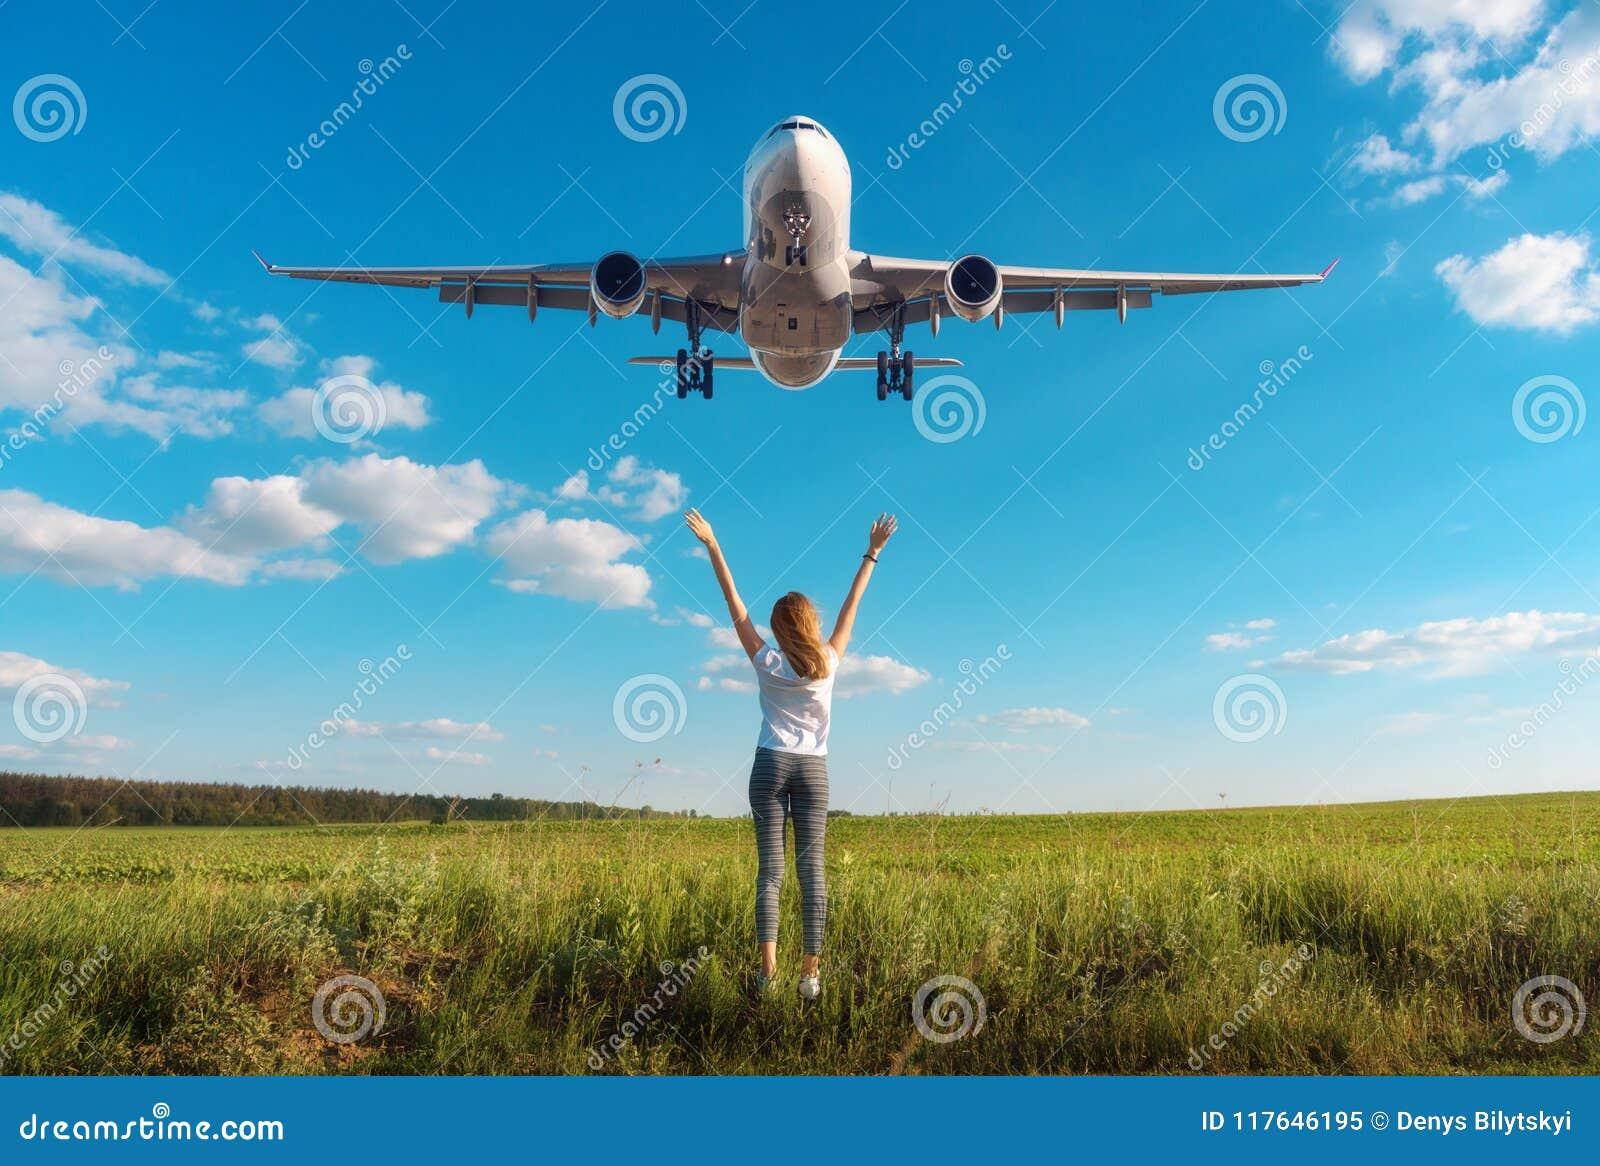 Aeroplano y mujer en el campo en la puesta del sol en verano